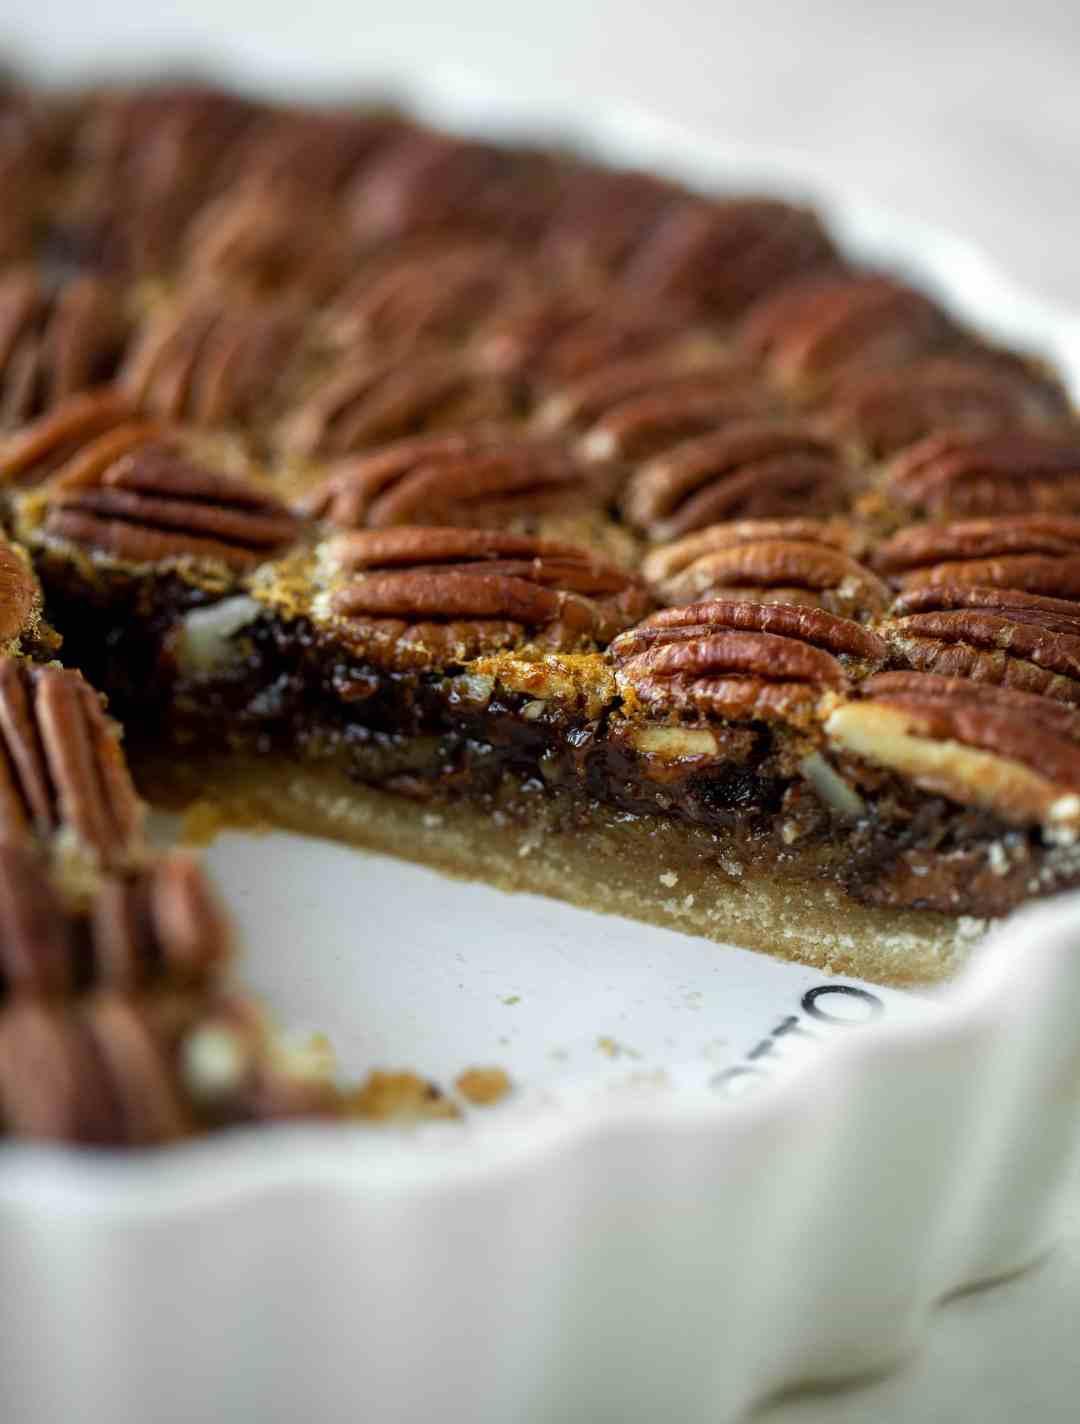 Esta tarta de nueces y chocolate es el mejor postre de todos. Fudge de chocolate y pastel de nuez pegajosa en una corteza de pan dulce: ¡todos se vuelven locos!